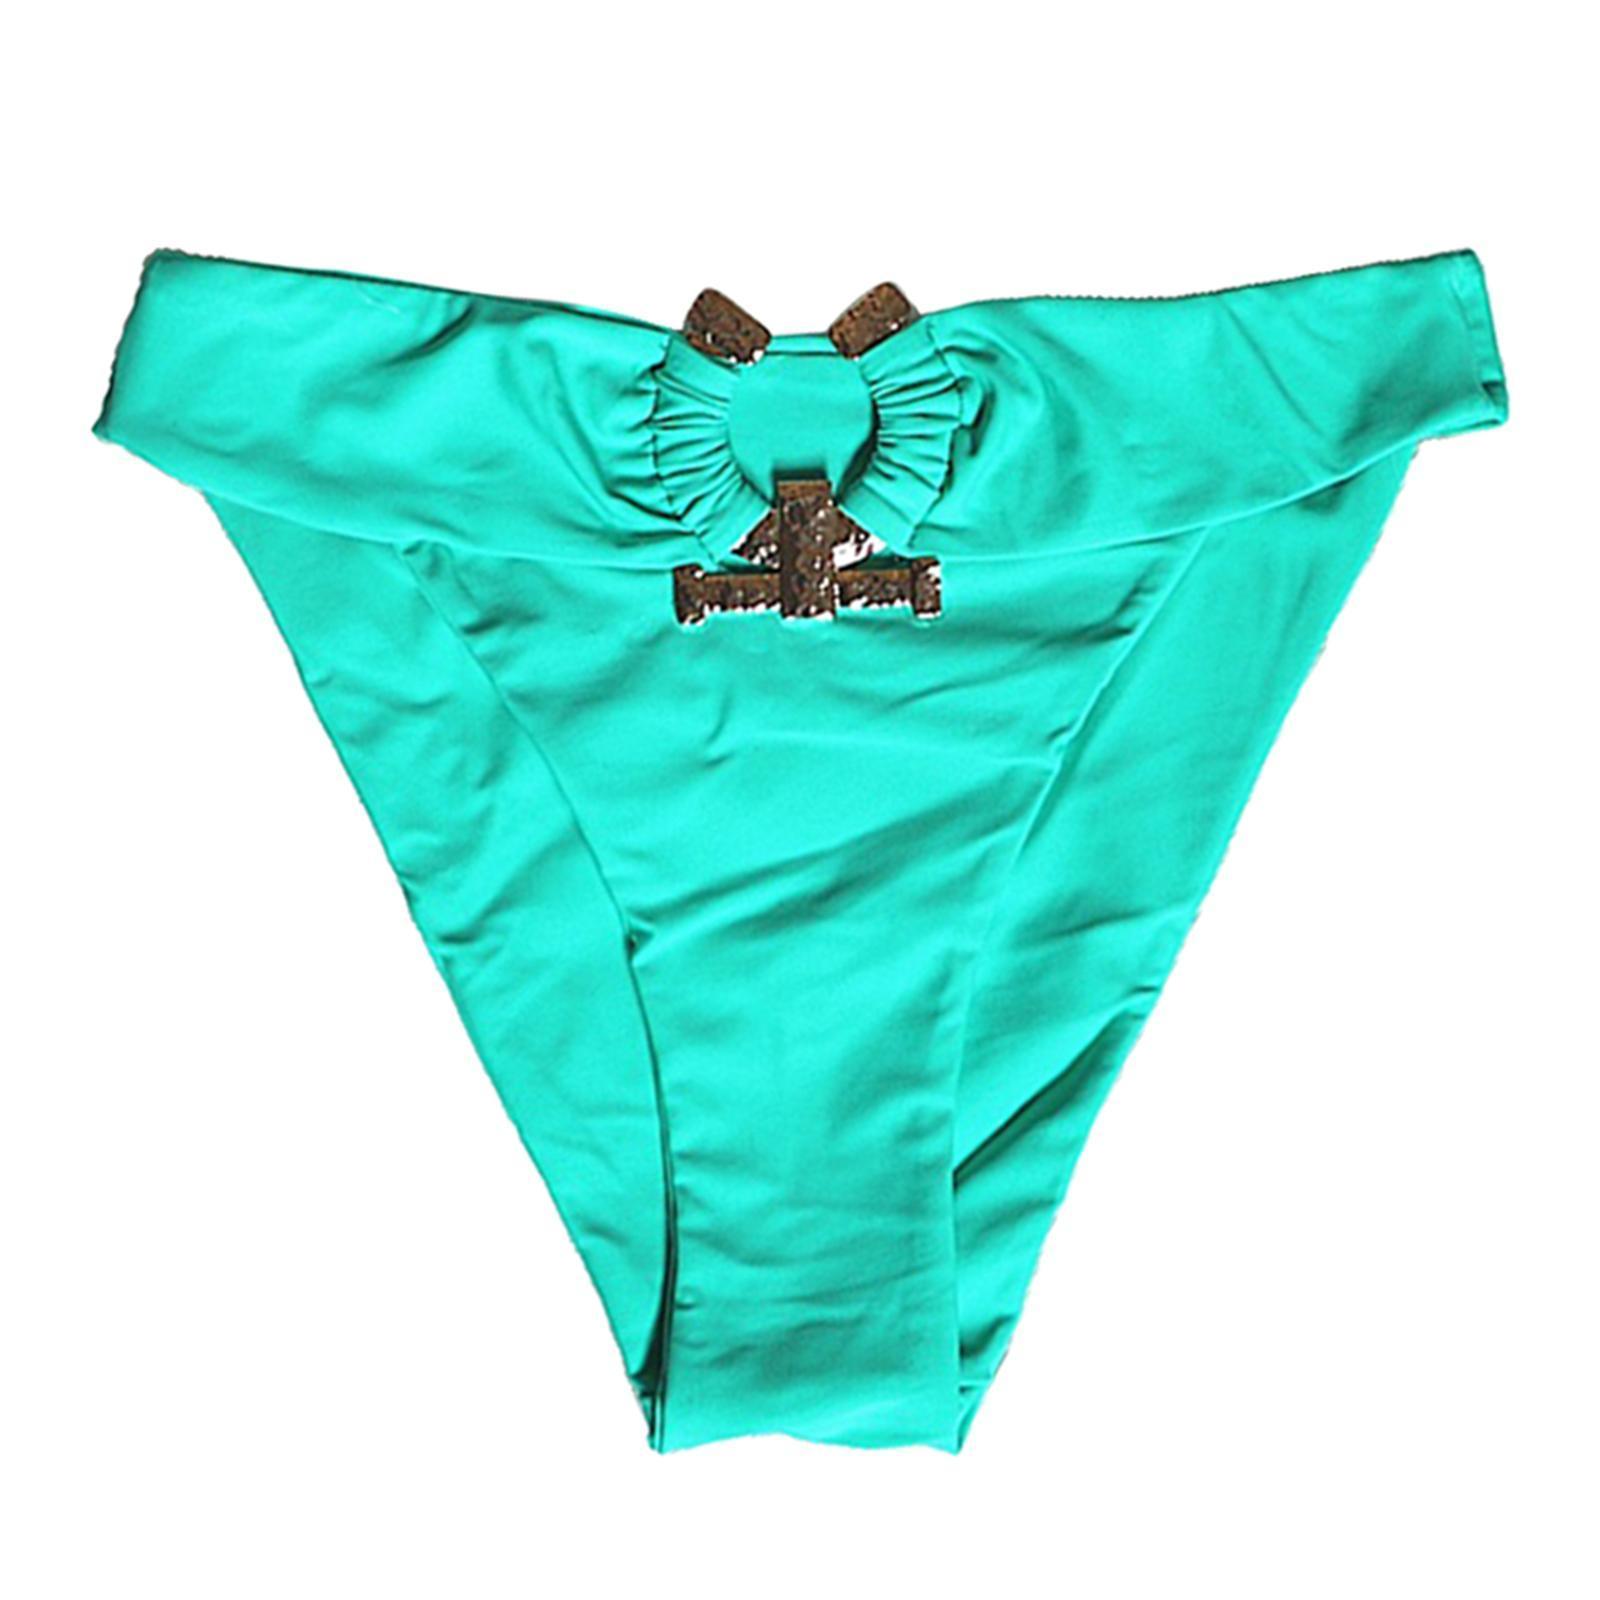 Indexbild 114 - Zwei Stücke Bikini Set Strappy Bademode Party Badeanzug Tankini Bademode